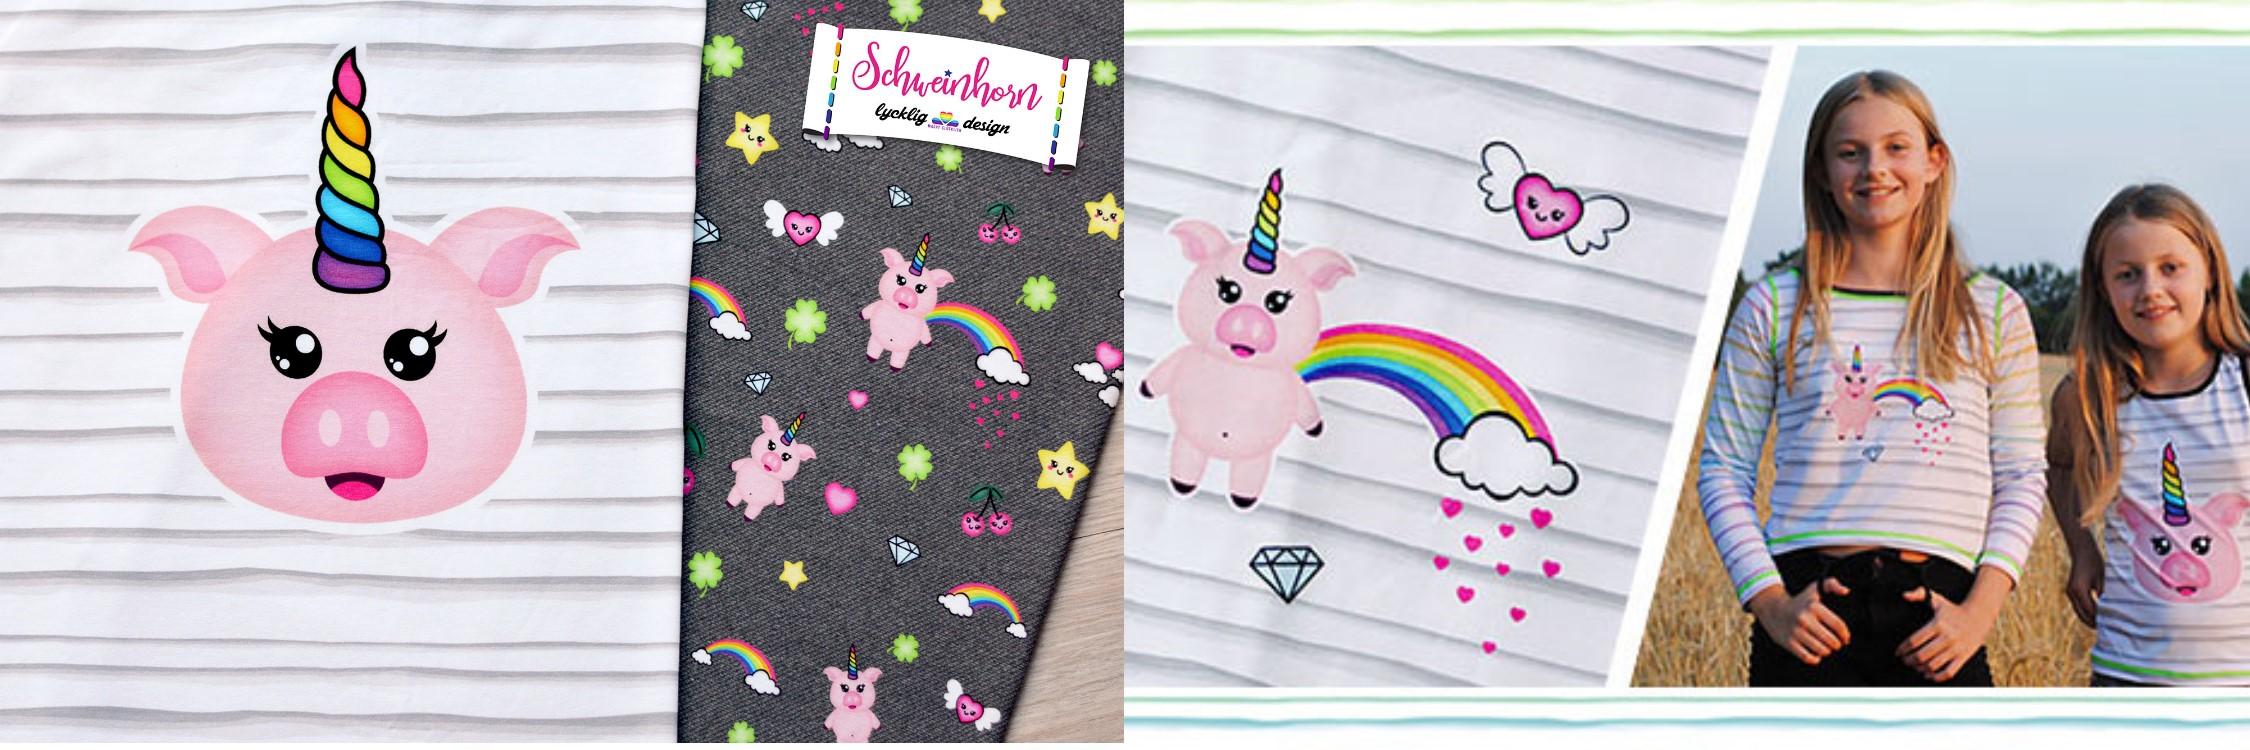 Schweinhorn Jersey von lycklig design